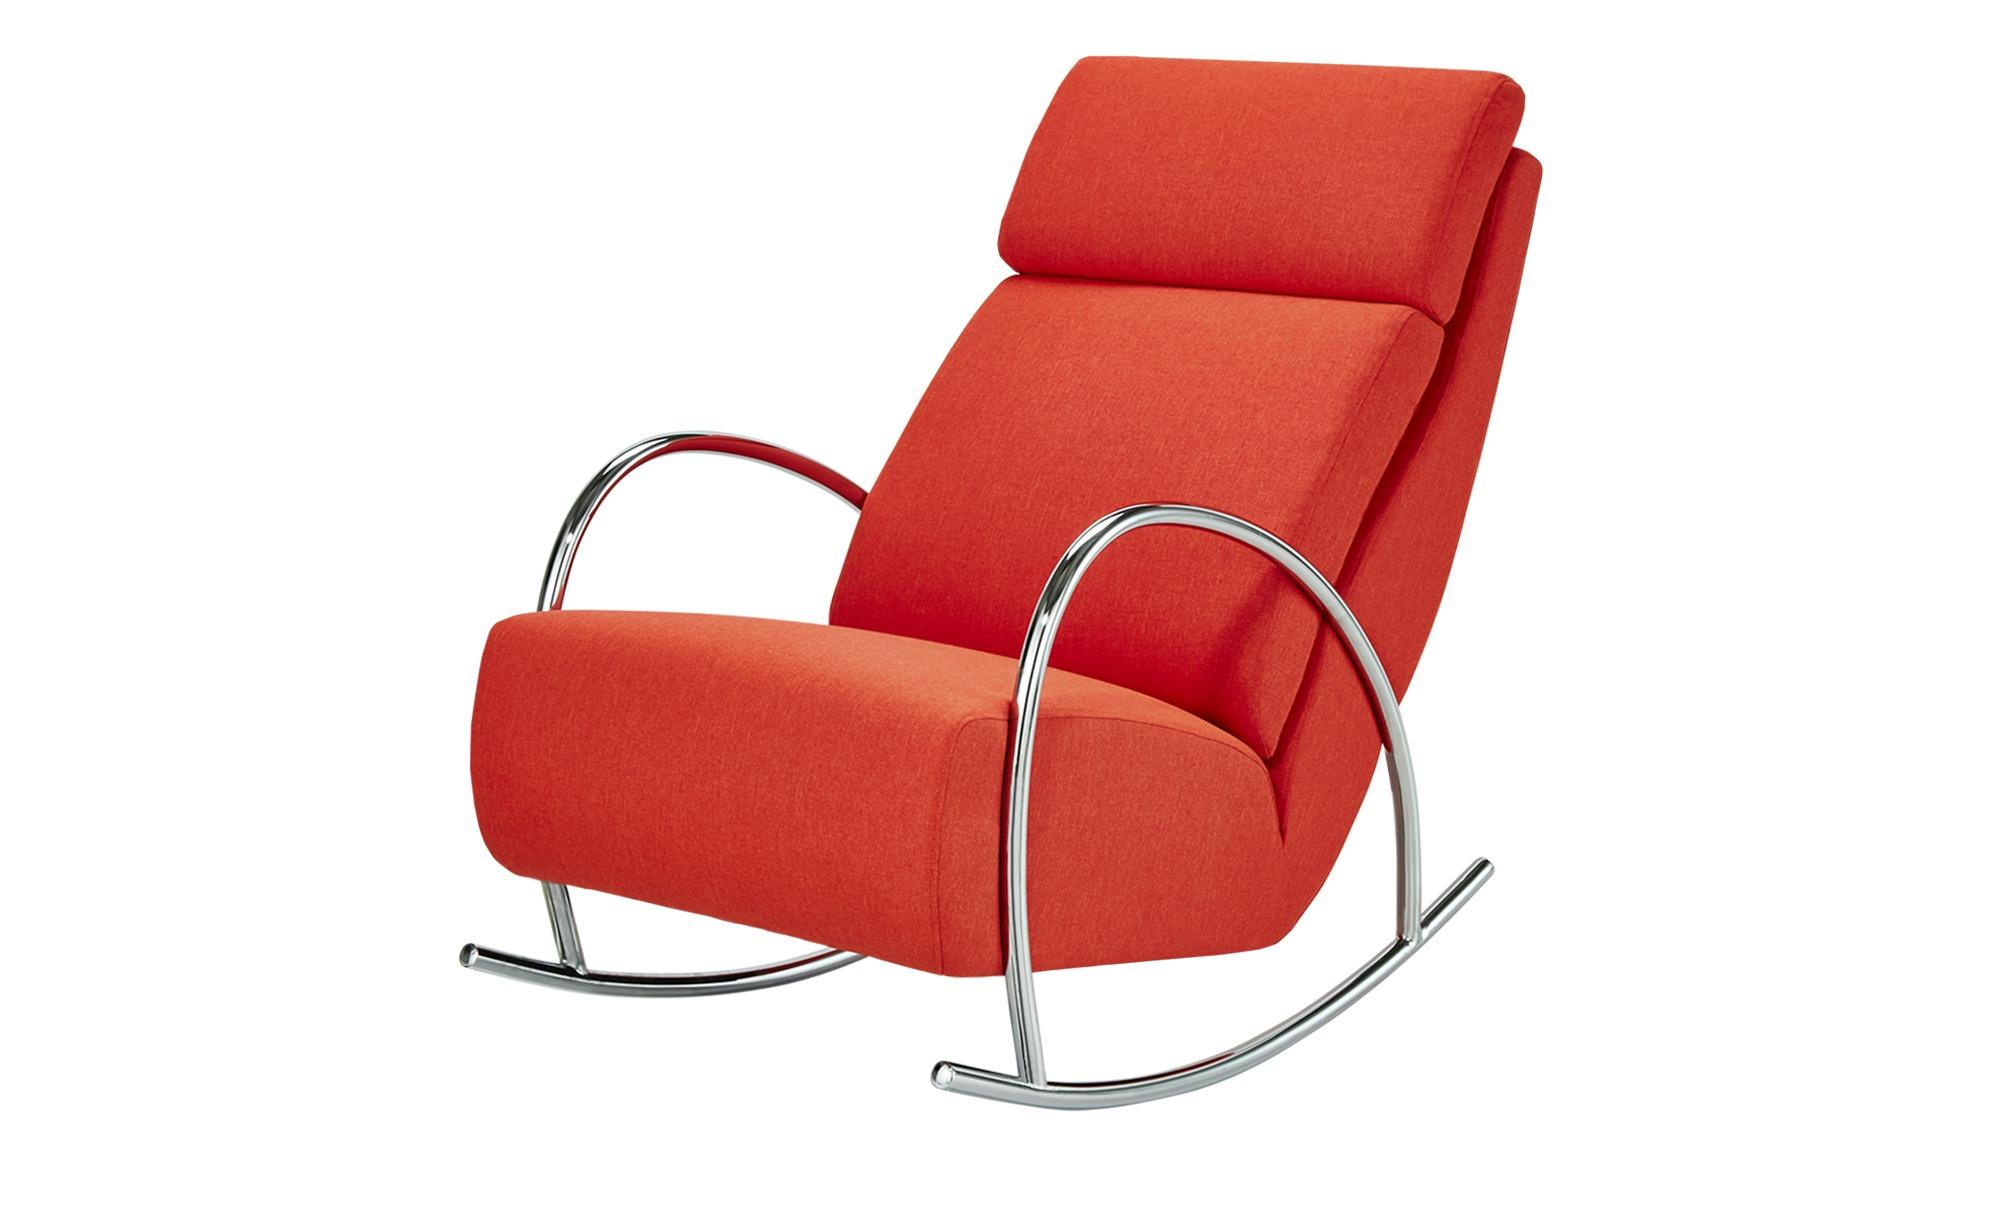 Schaukelsessel Hermine Breite 56 cm Höhe 100 cm orange online kaufen bei WOONIO